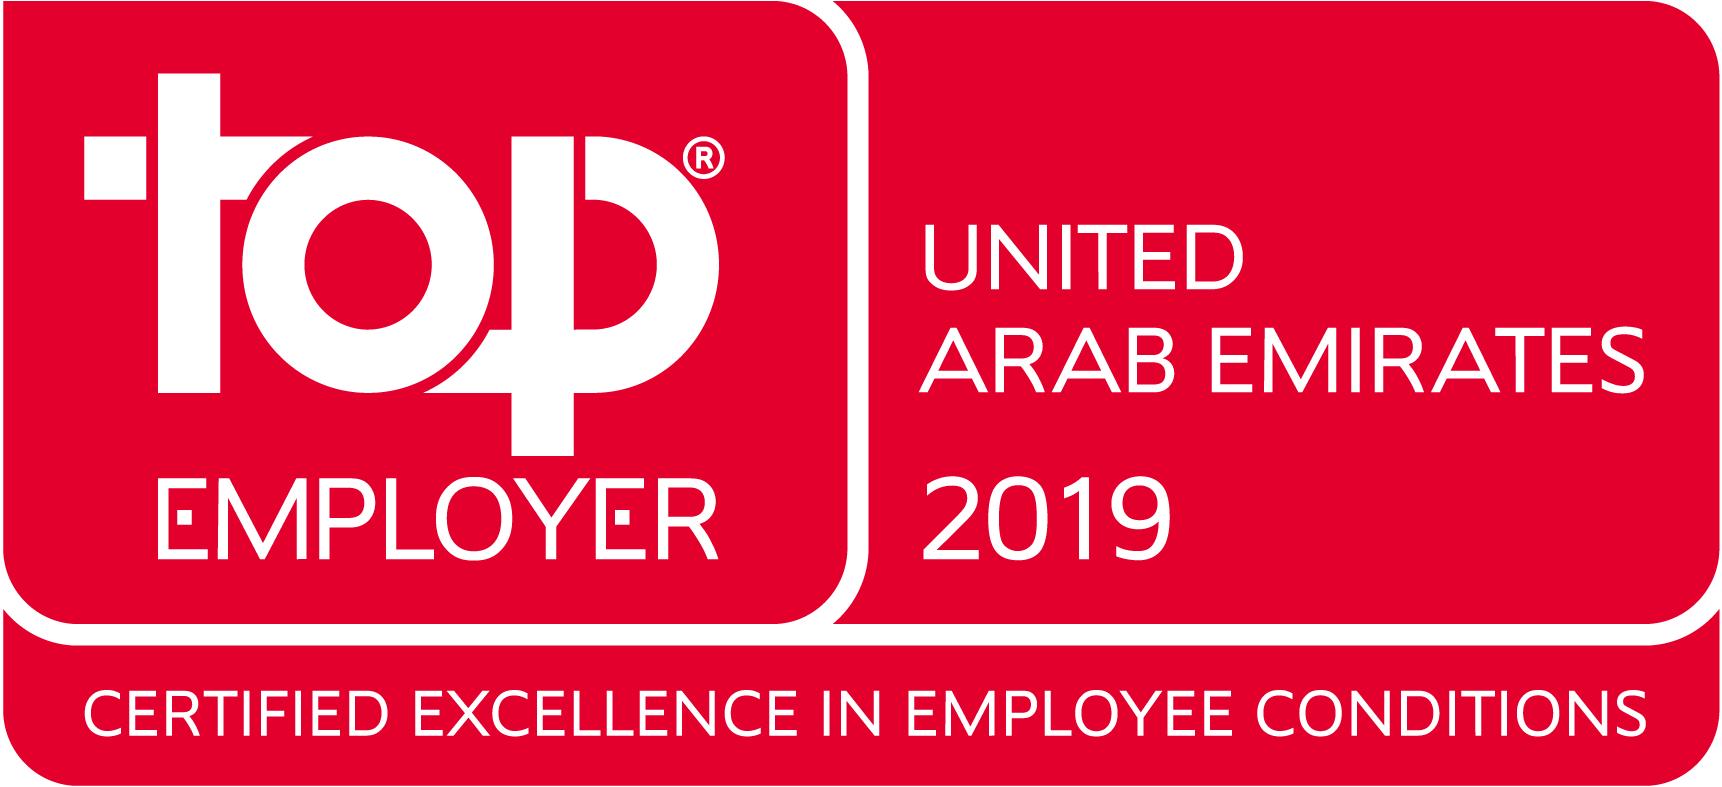 Top_Employer_United_Arab_Emirates_English_2019